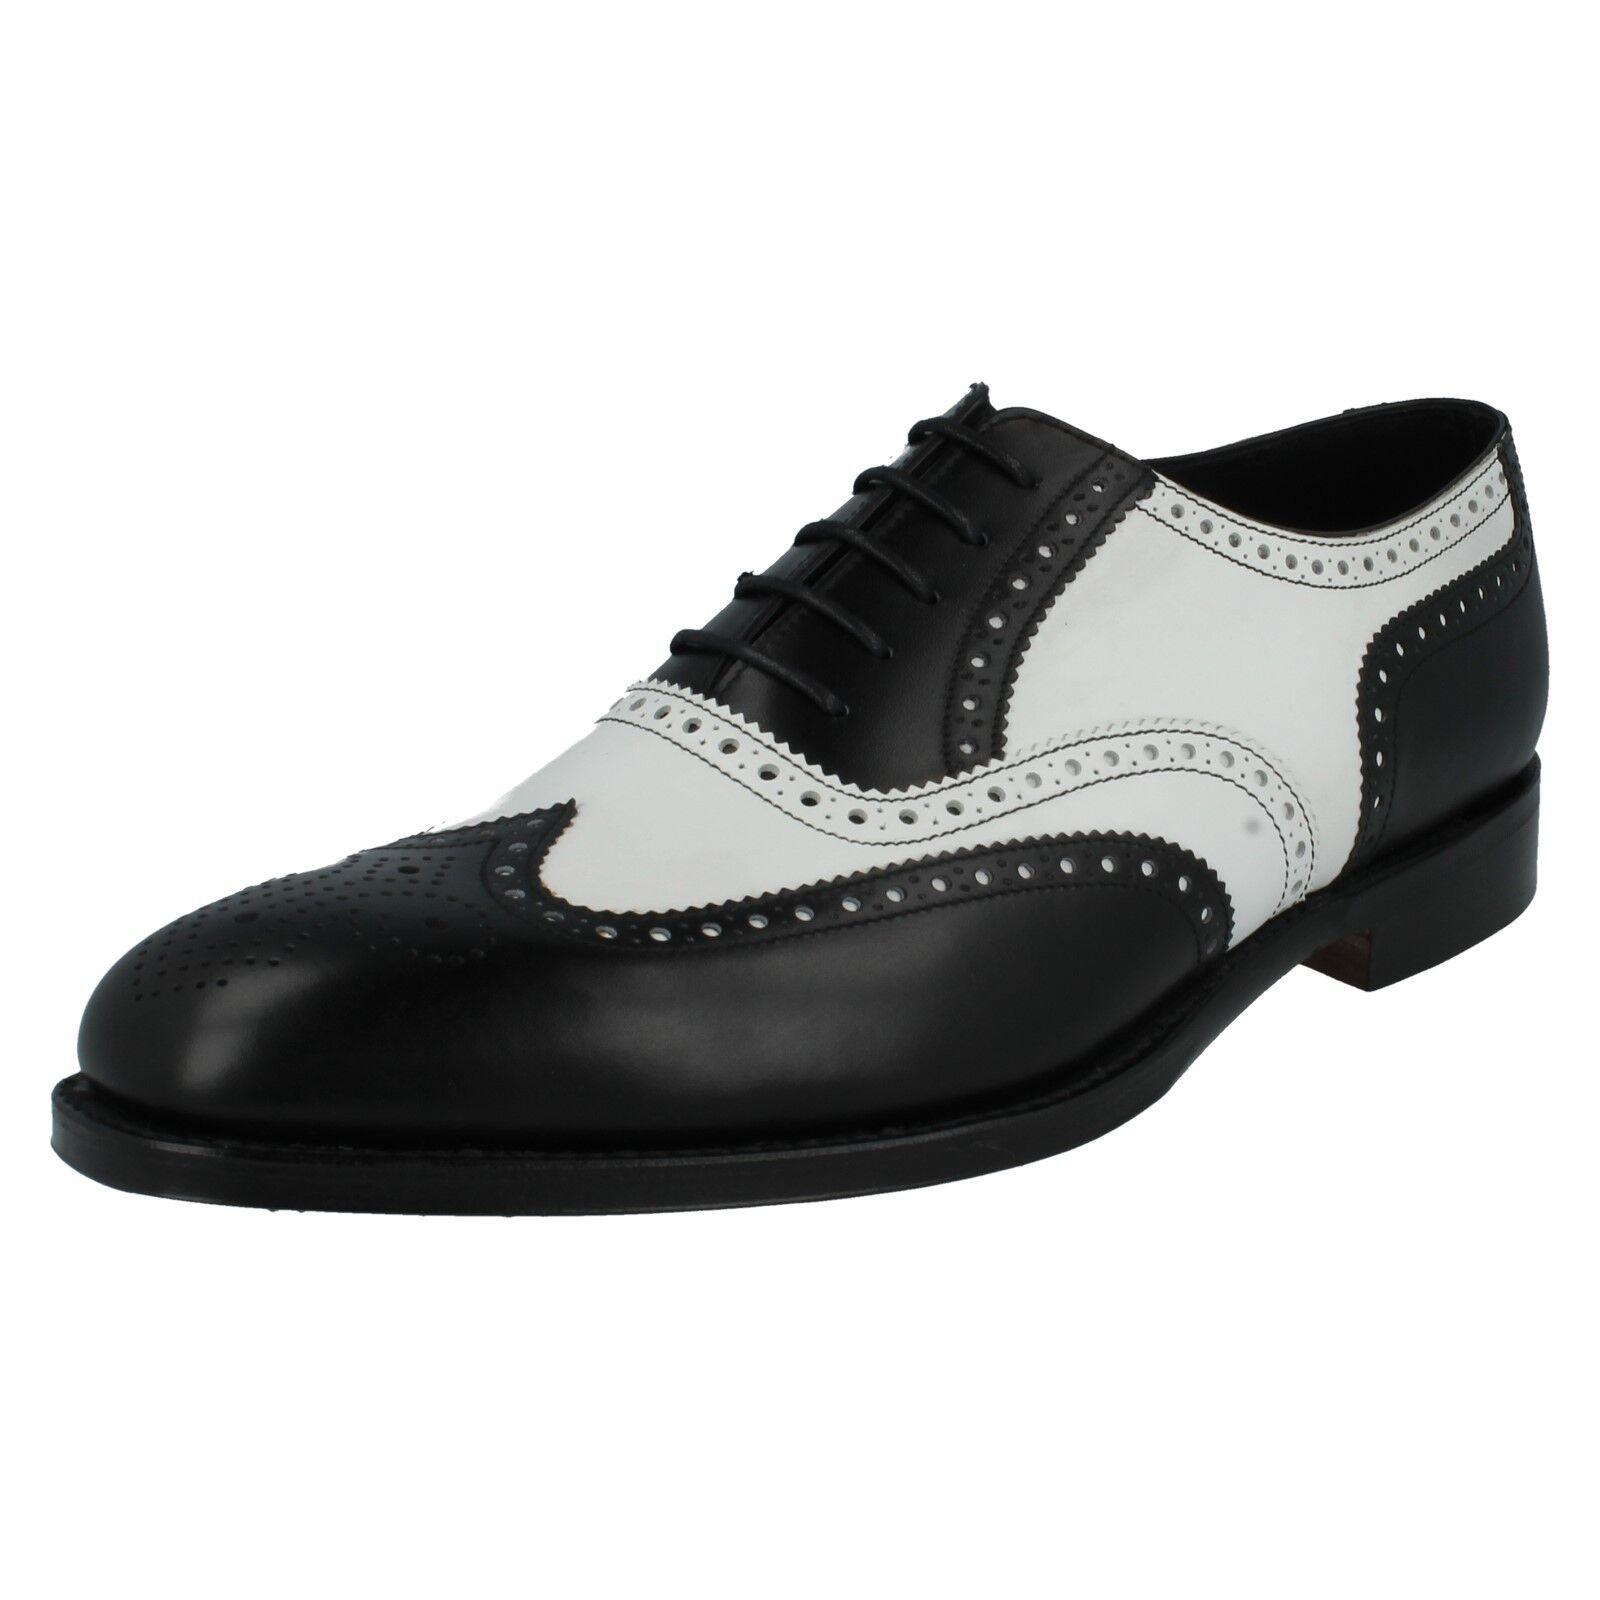 Loake Hombre Sloane Cuero con Cordones Formal Clásico Dos Tonos Zapatos Oxford